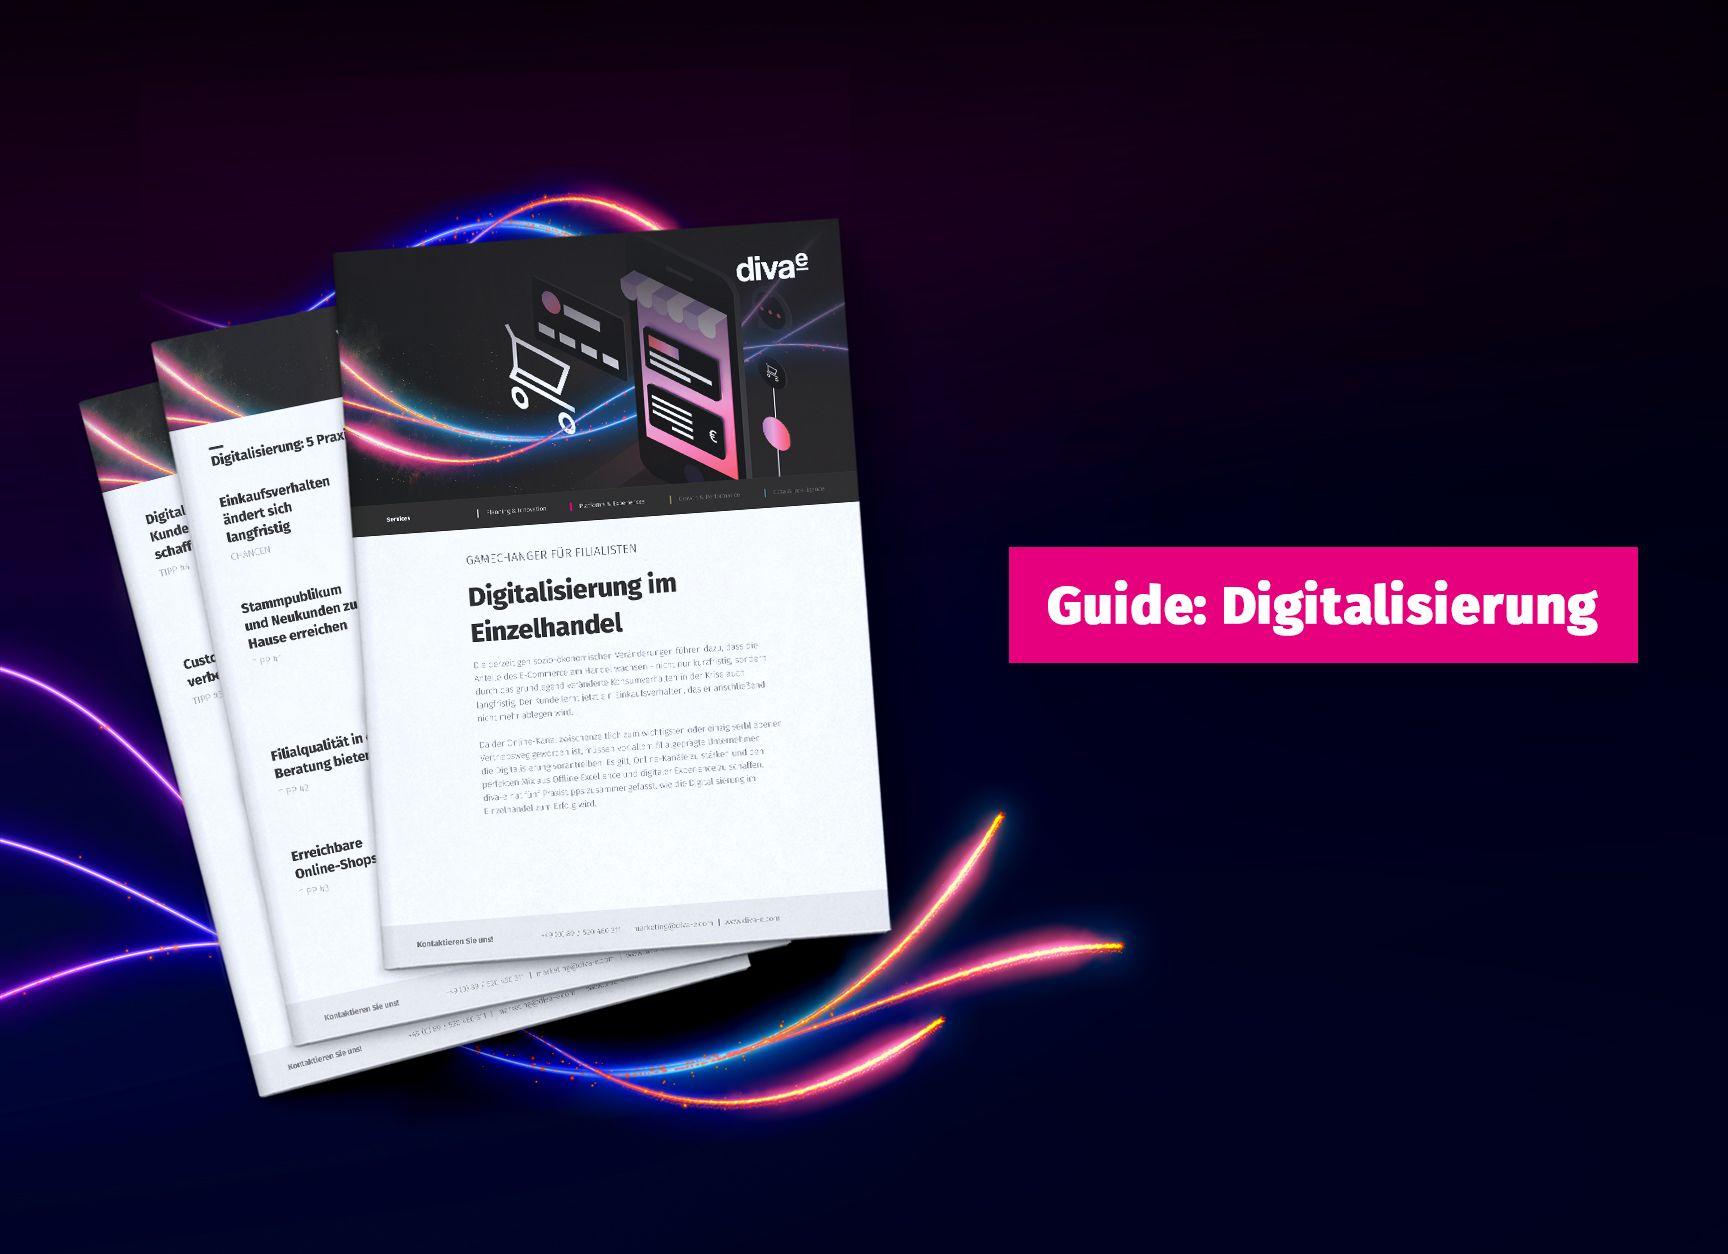 Guide: Digitalisierung im Einzelhandel